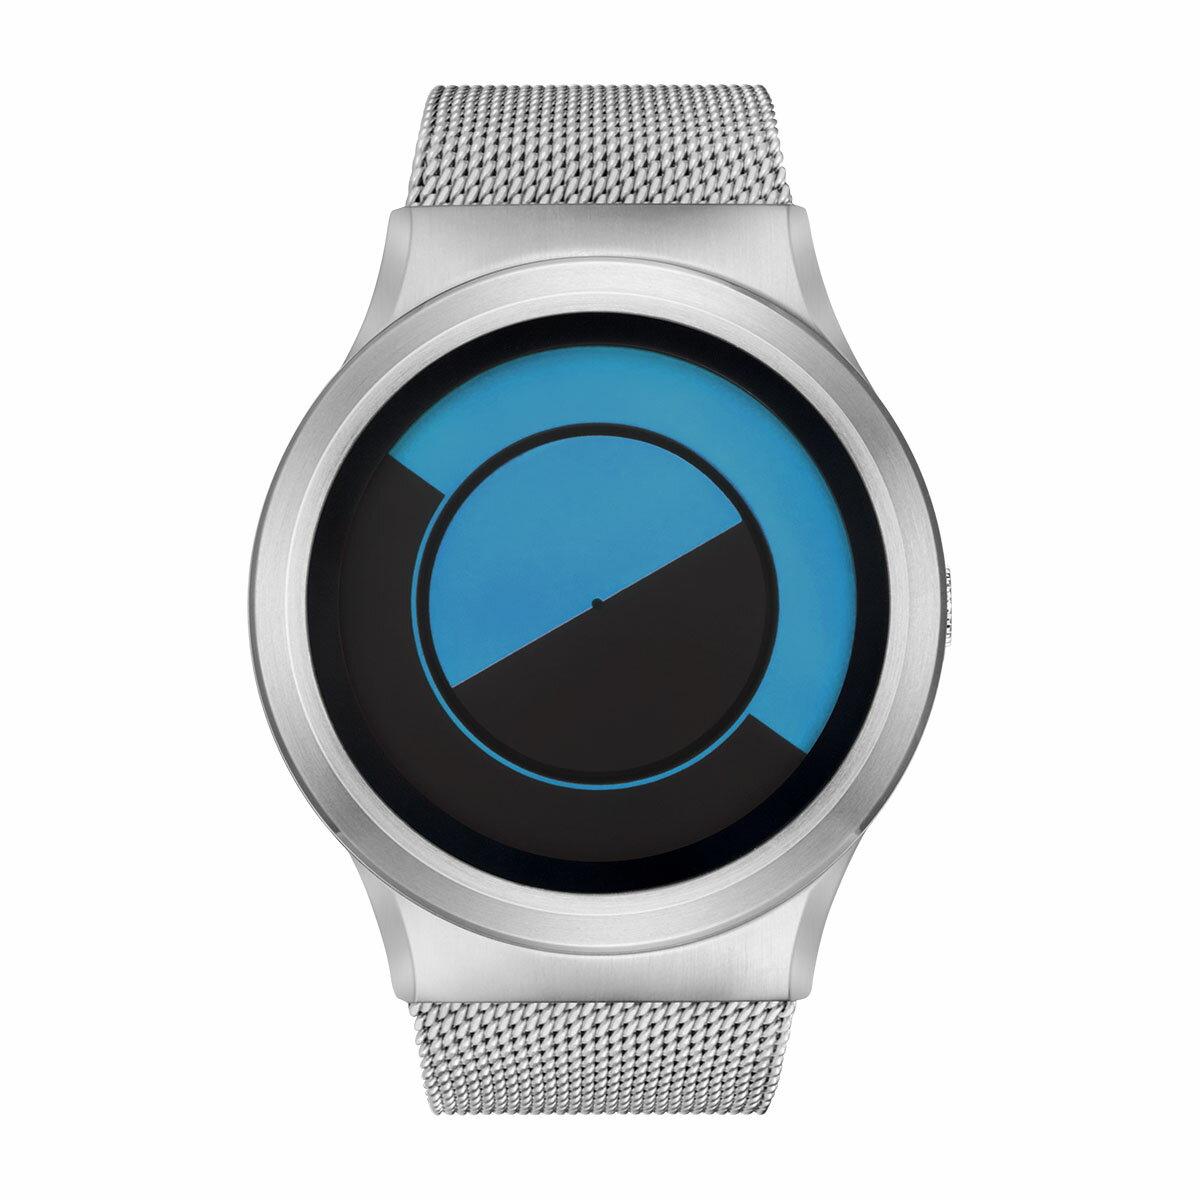 ZEROO QUARTER MOON ゼロ 電池式クォーツ 腕時計 [W08032B01SM01] ブルー デザインウォッチ ペア用 メンズ レディース ユニセックス おしゃれ時計 デザイナーズ